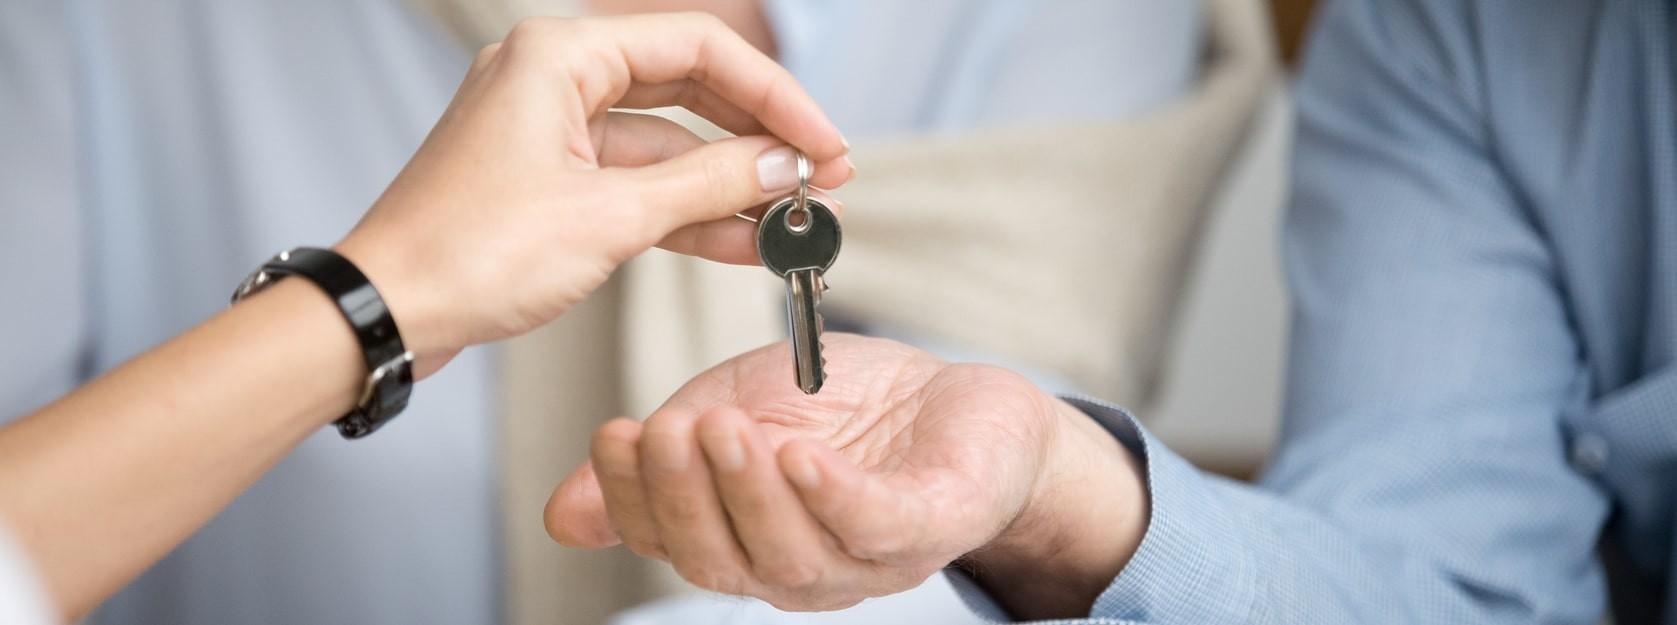 Entrega de llaves de una vivienda